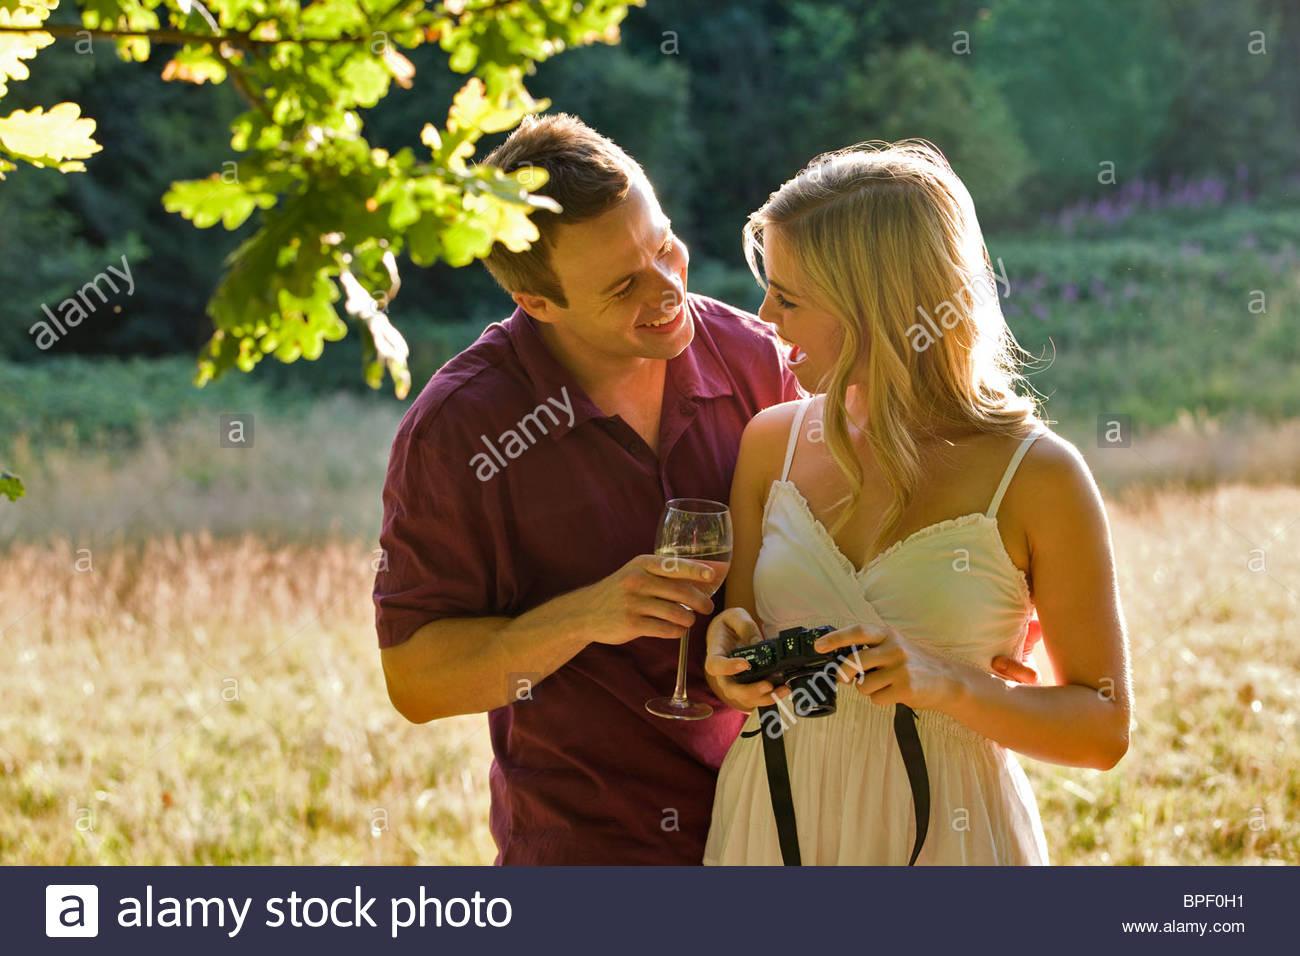 Ein junges Paar, das Betrachten von Fotos auf ihrer Kamera Stockbild